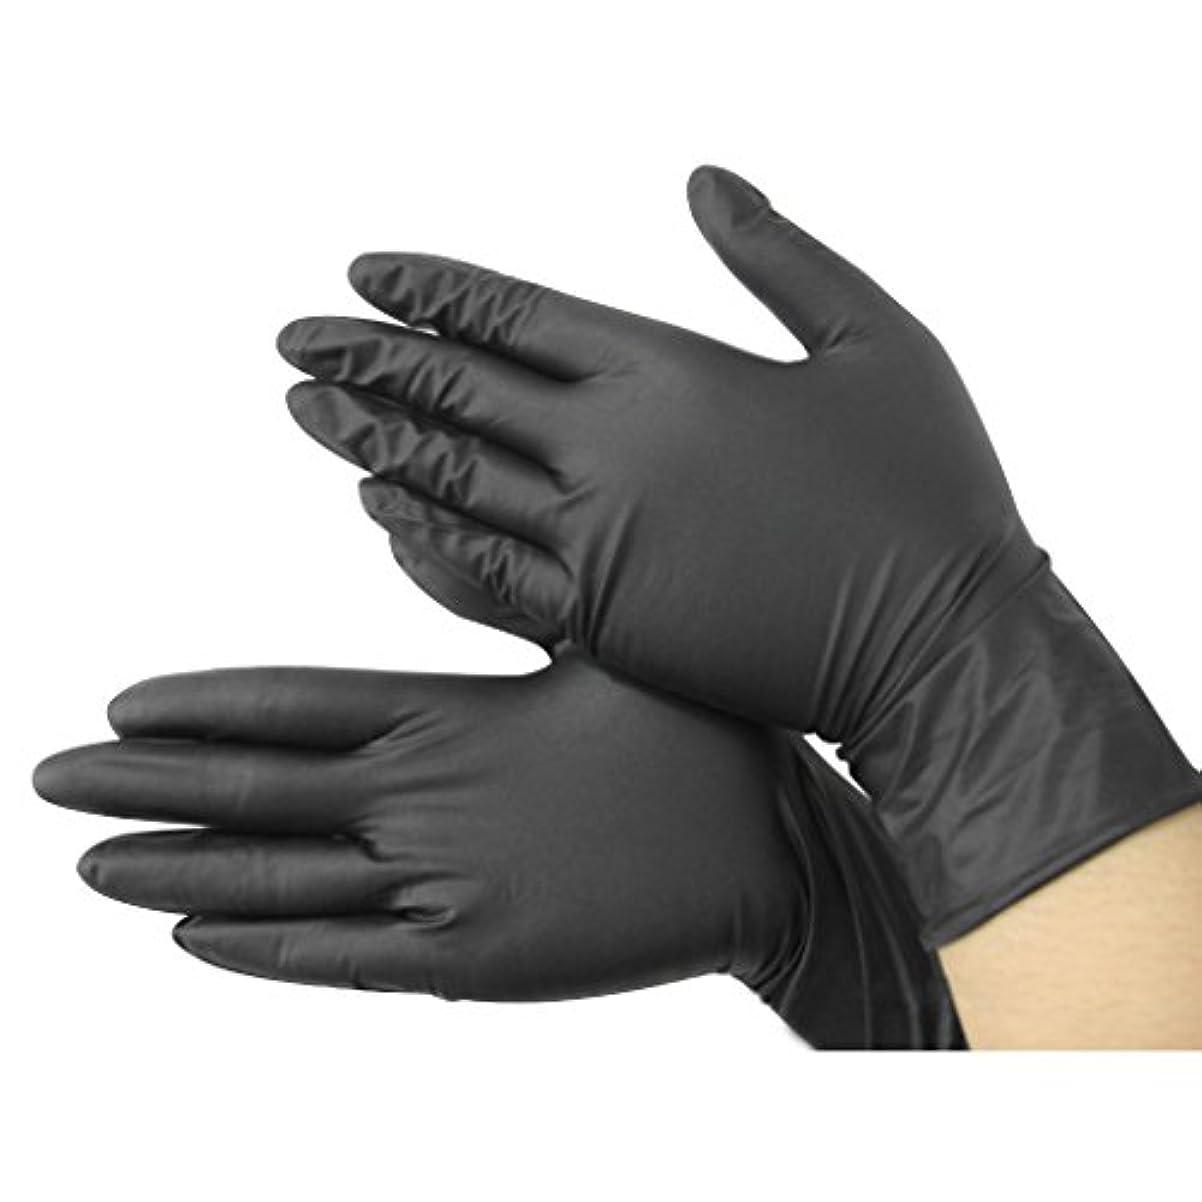 影響ミリメートル保存するGaoominy 黒いニトリル使い捨てクール手袋 パワーフリーX100 - 入れ墨 - メカニック 新しい